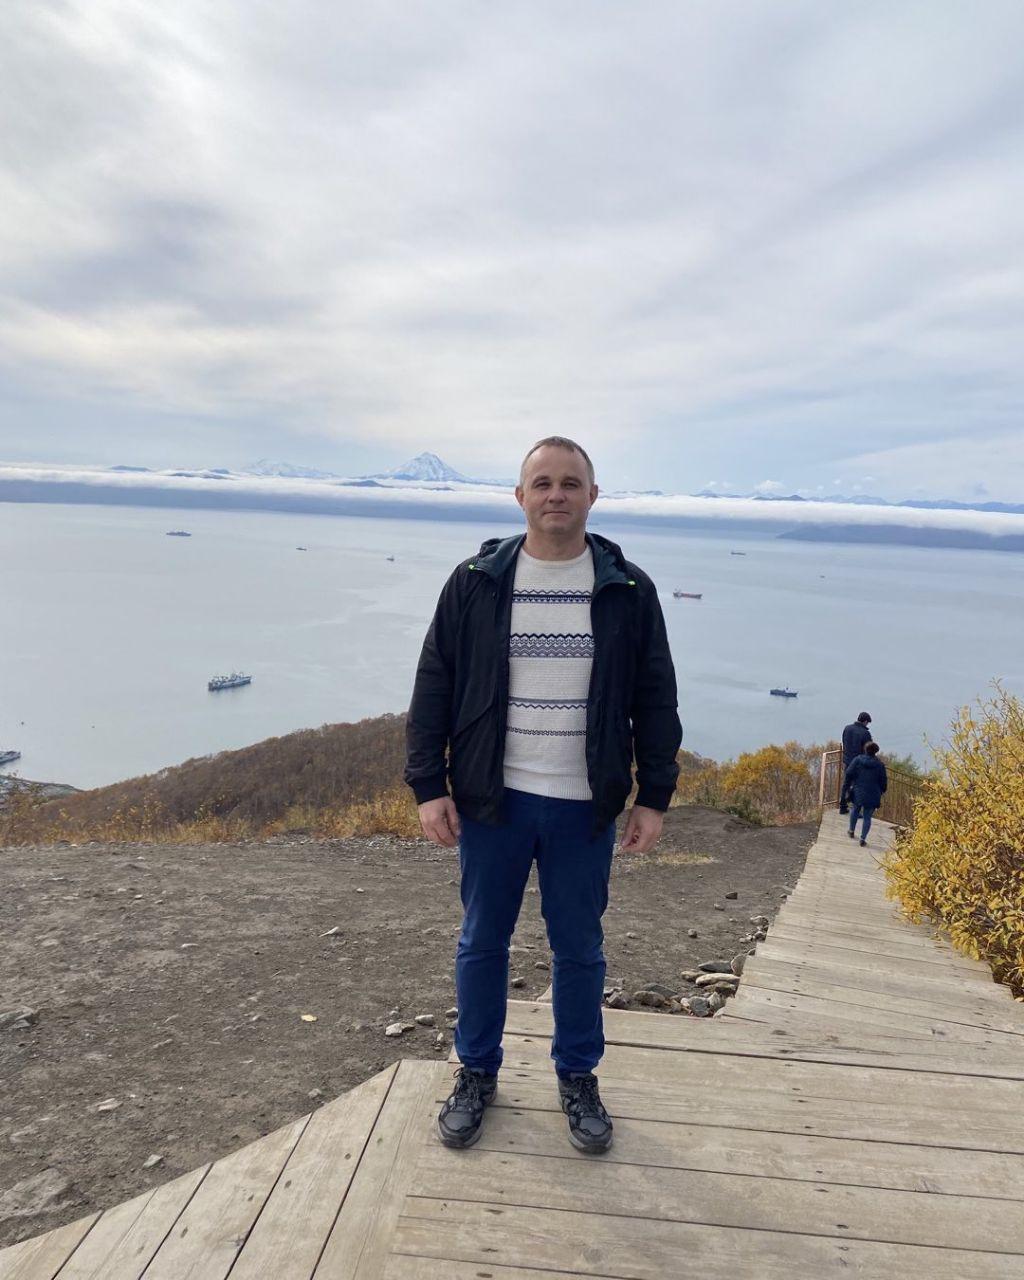 Василий Шуров: биография психиатра, семья, фото, сколько лет, канал на Ютуб